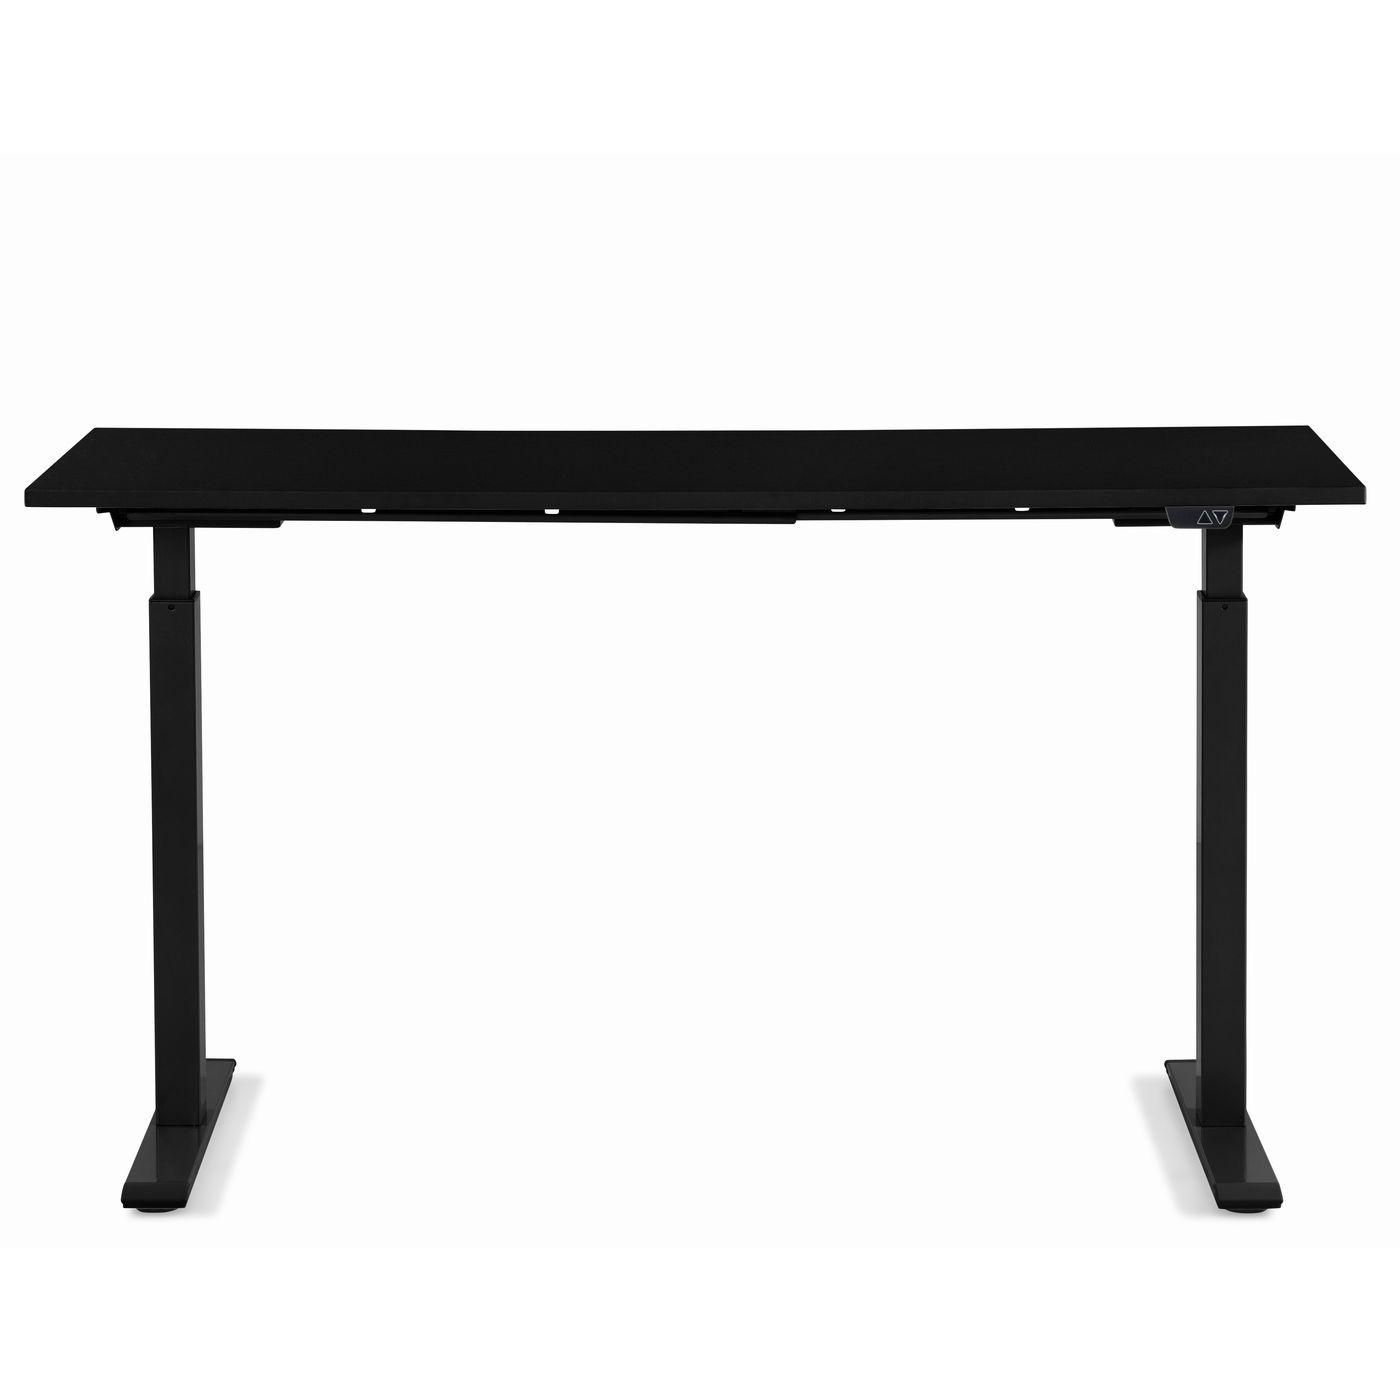 KARE DESIGN rektangulær Office Smart Black White skrivebord - sort melamin og hvid stål (140x60)